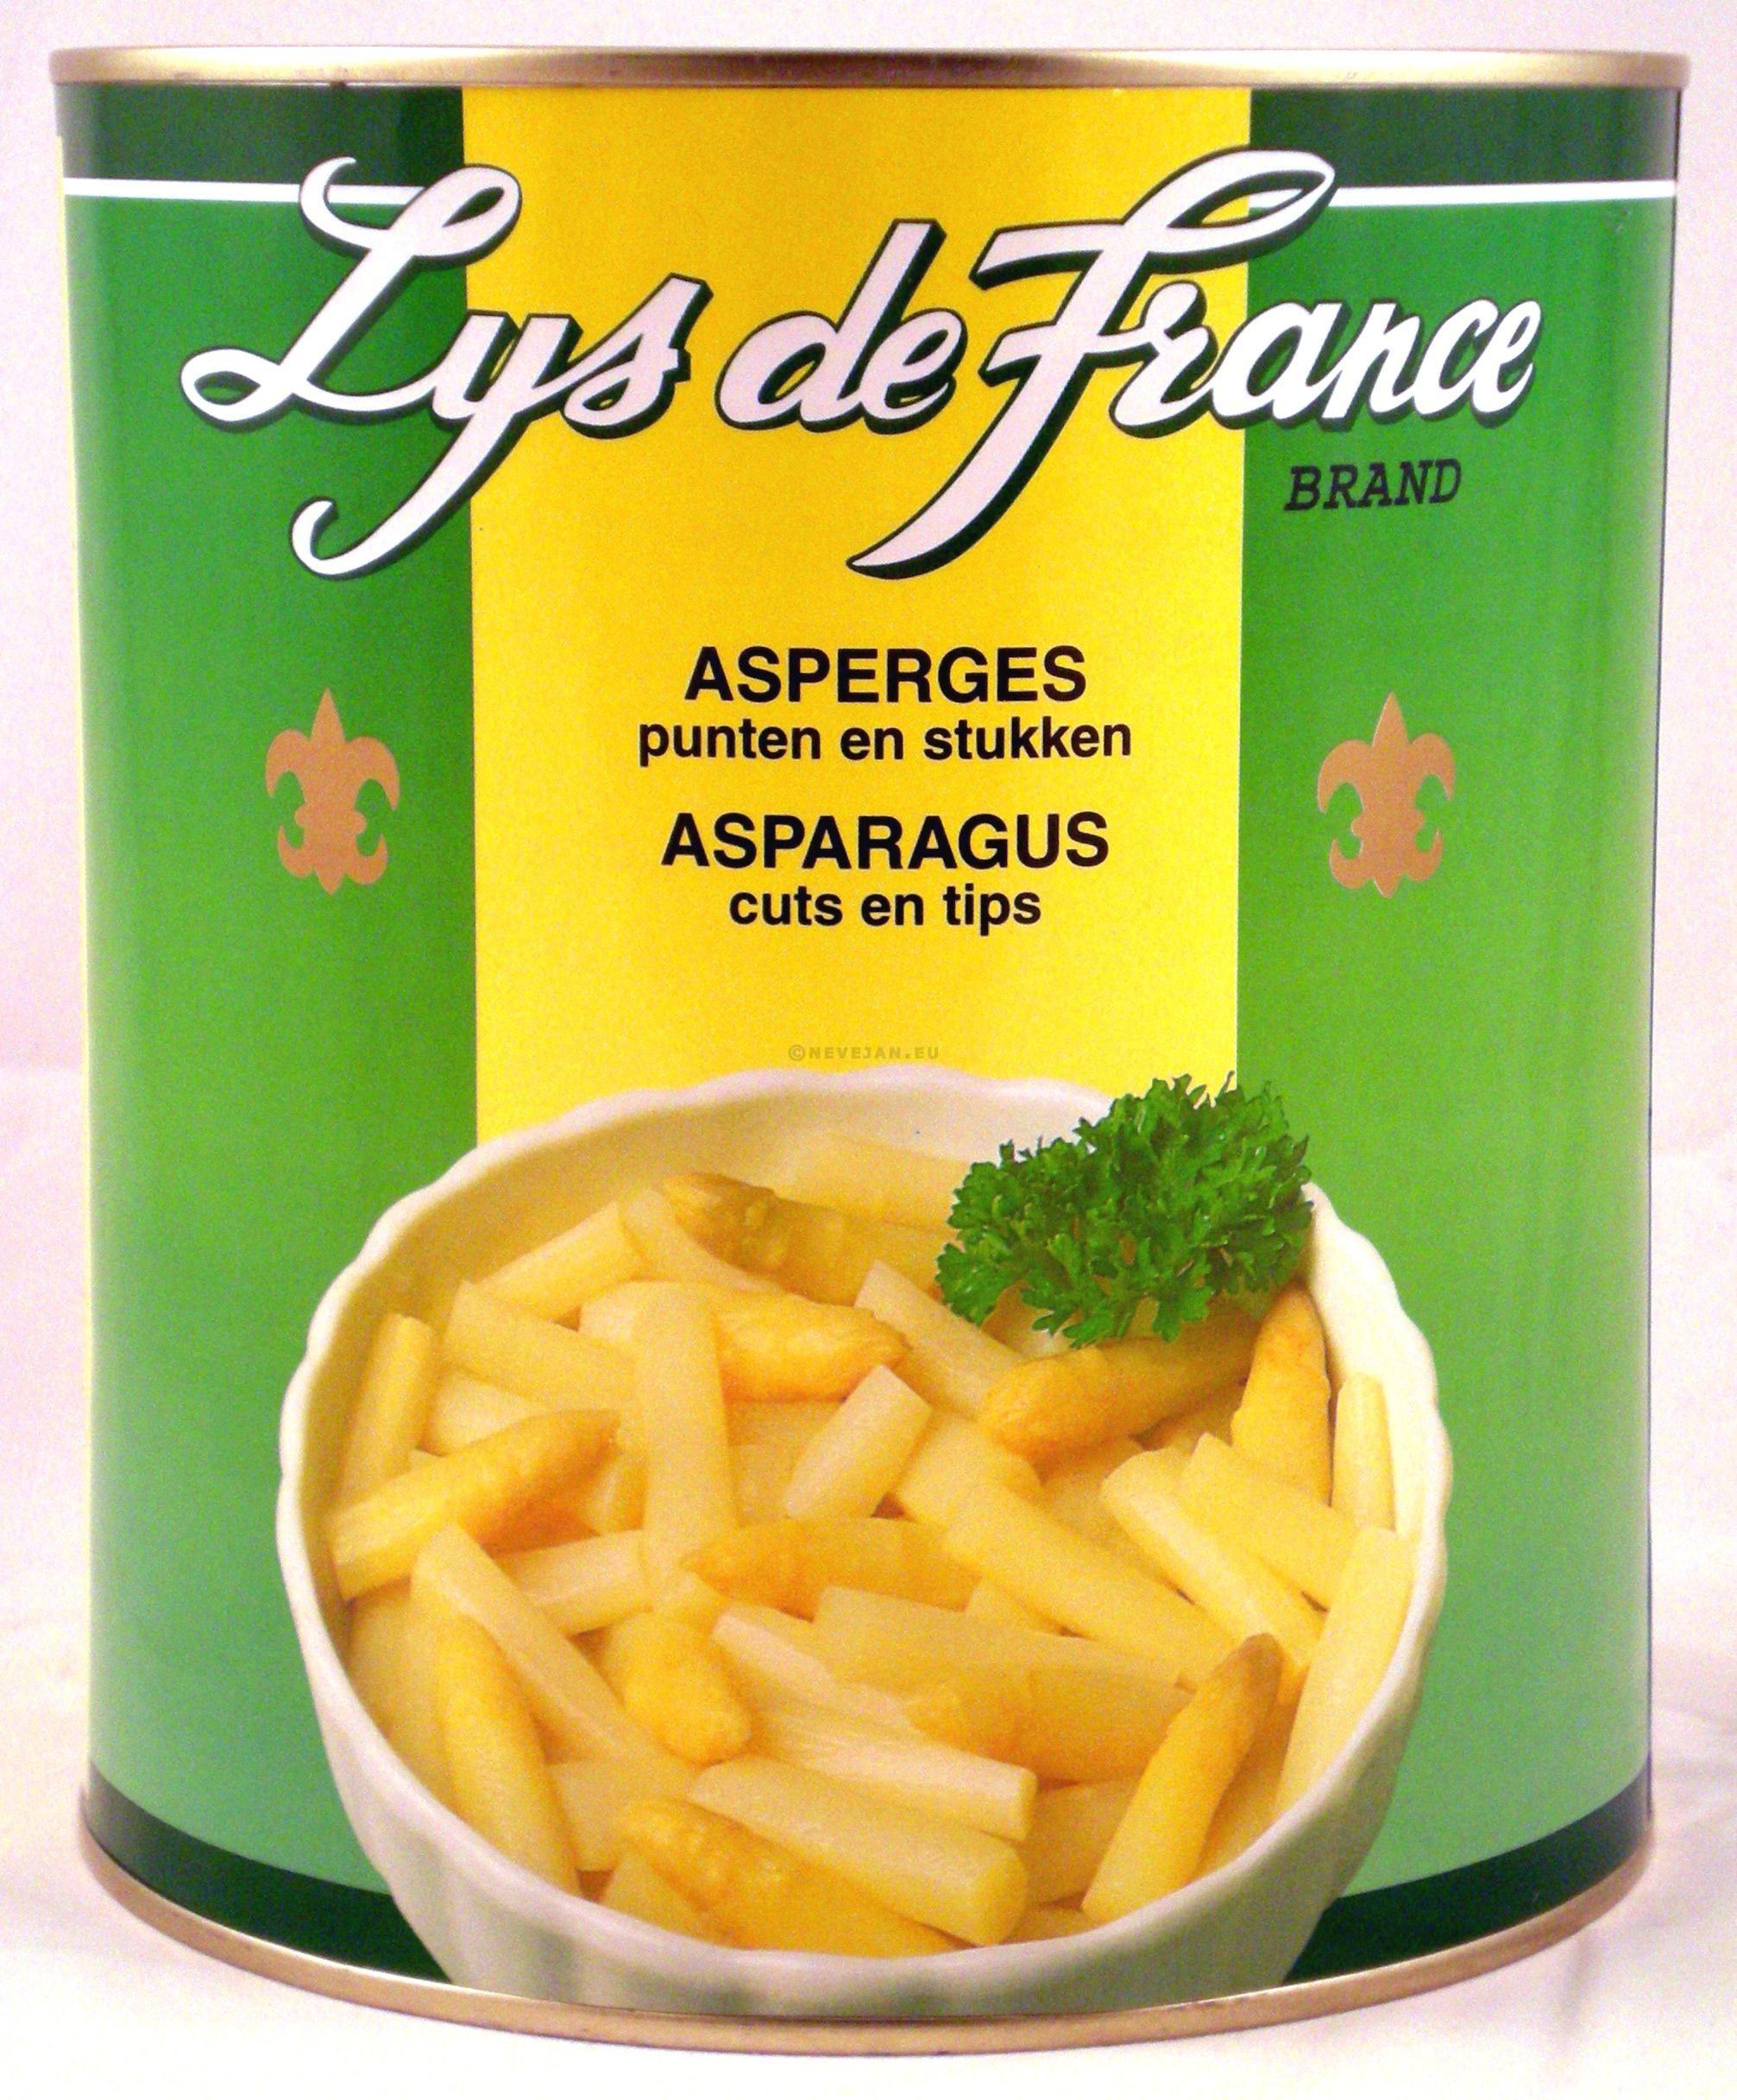 Asperges cuts & tips 3L Lys de France